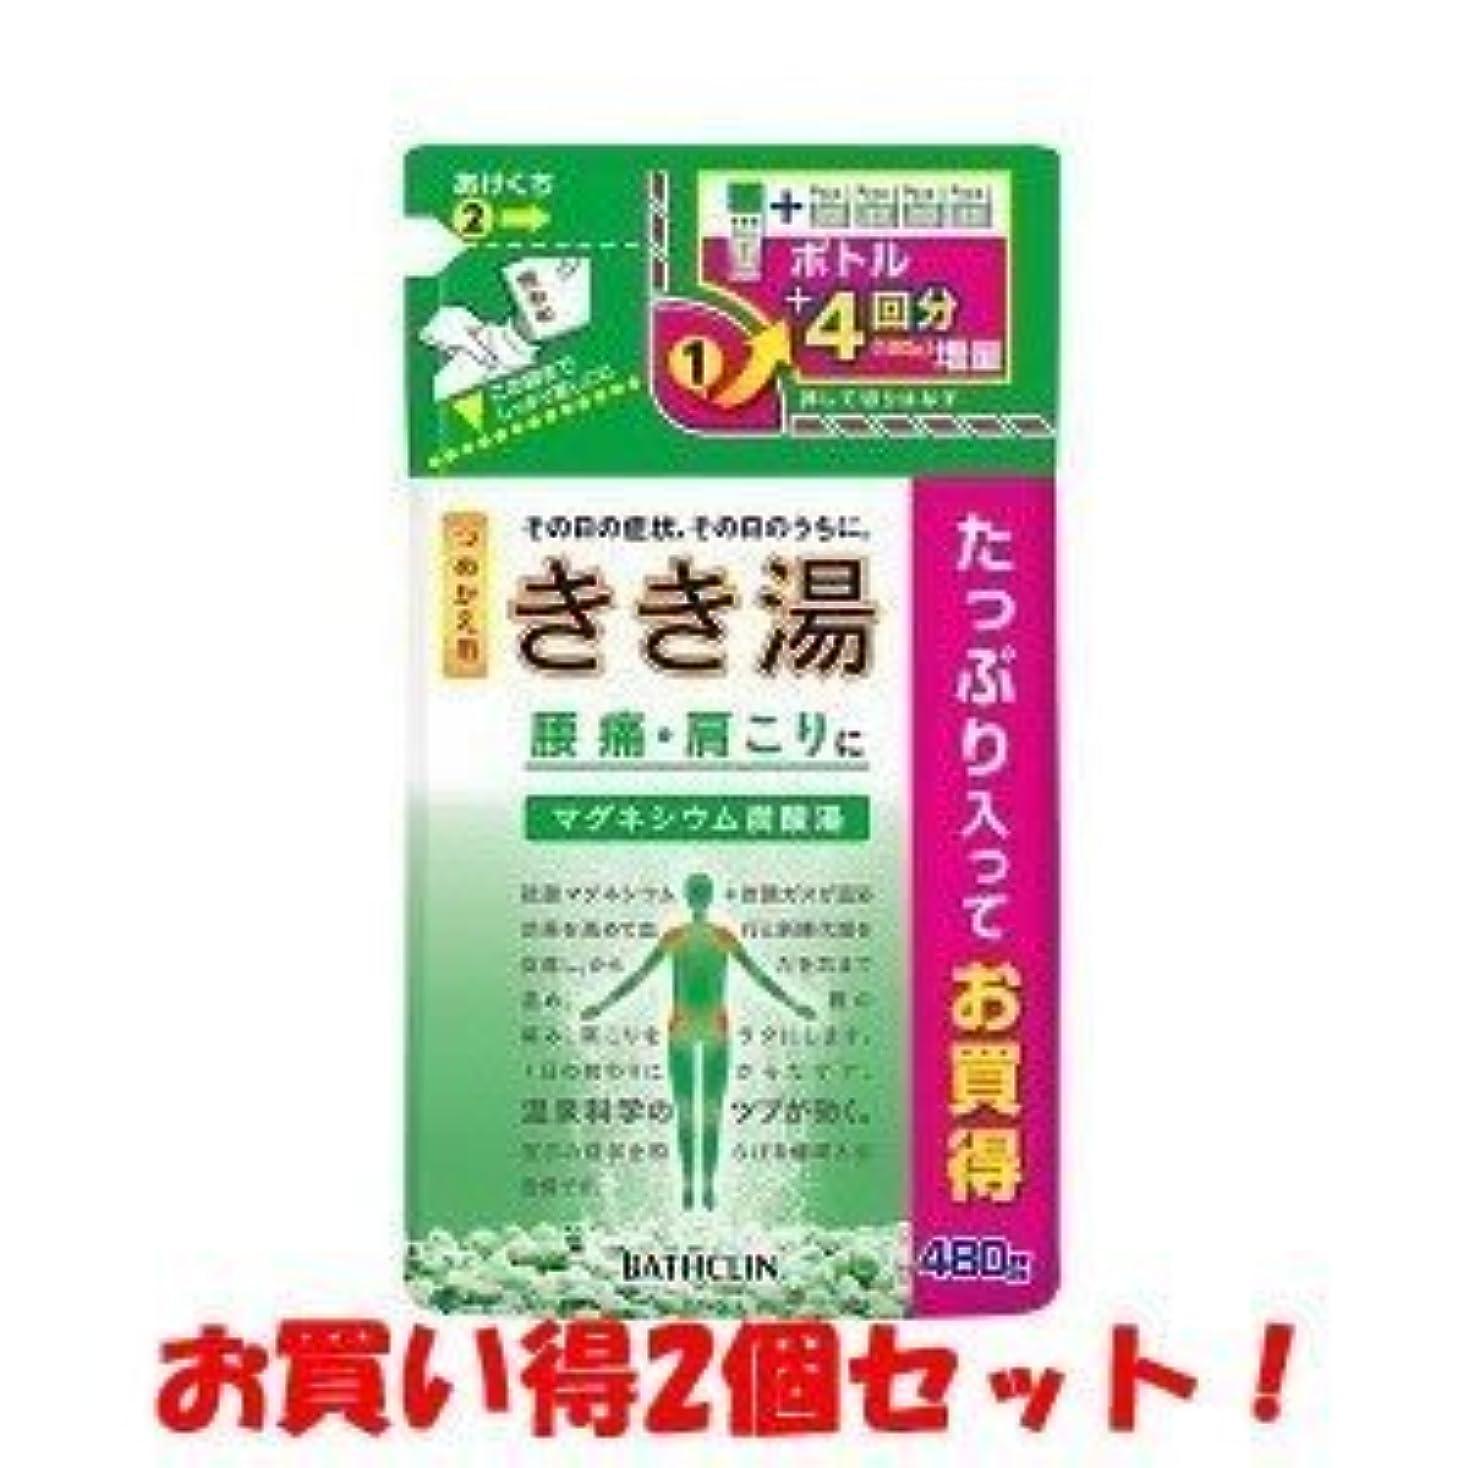 回転認める検索エンジン最適化(バスクリン)きき湯 マグネシウム炭酸湯 つめかえ用 480g(医薬部外品)(お買い得2個セット)